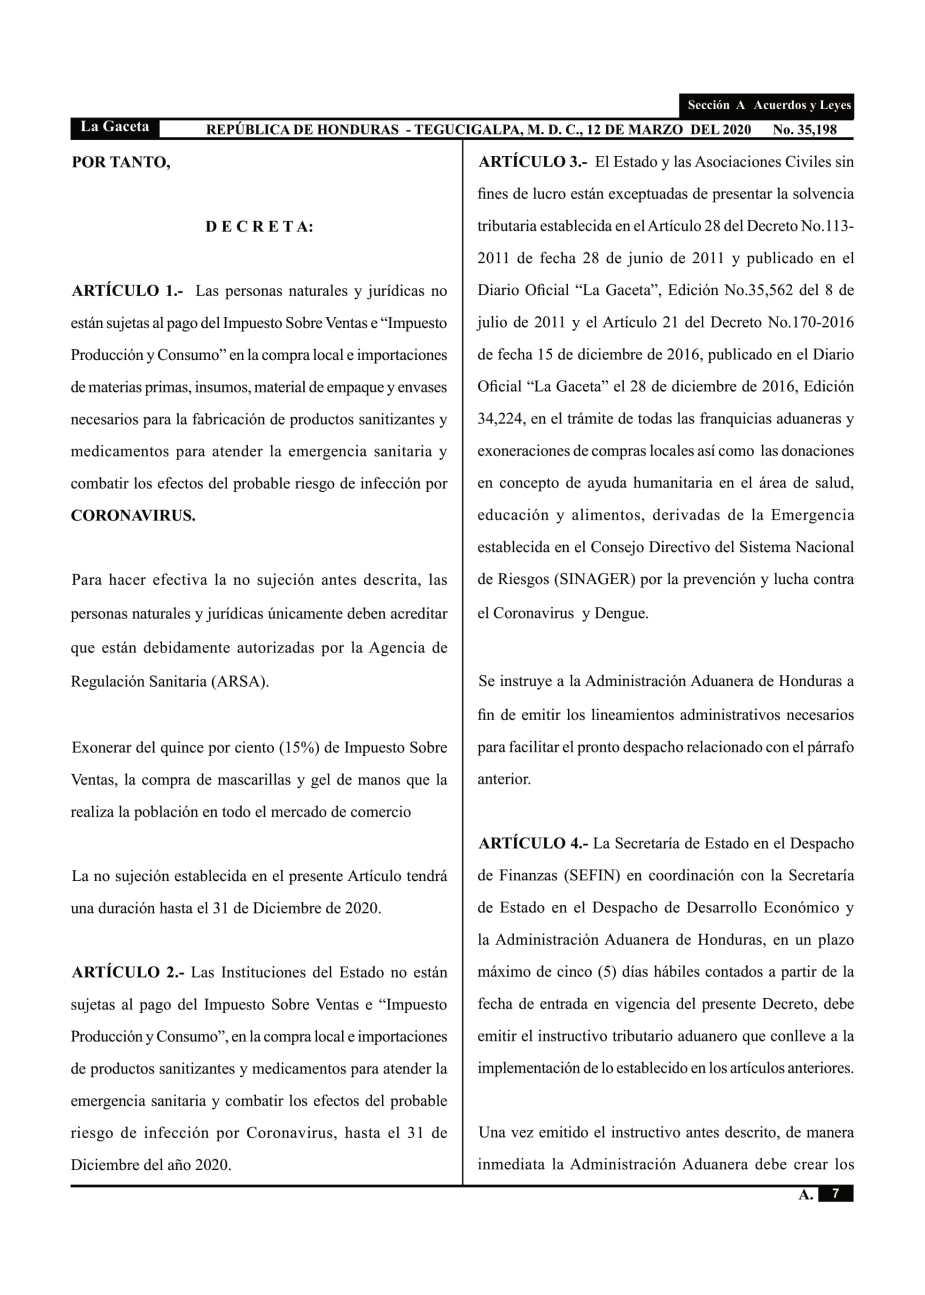 12 DE MARZO 2020, 35,198 2-7